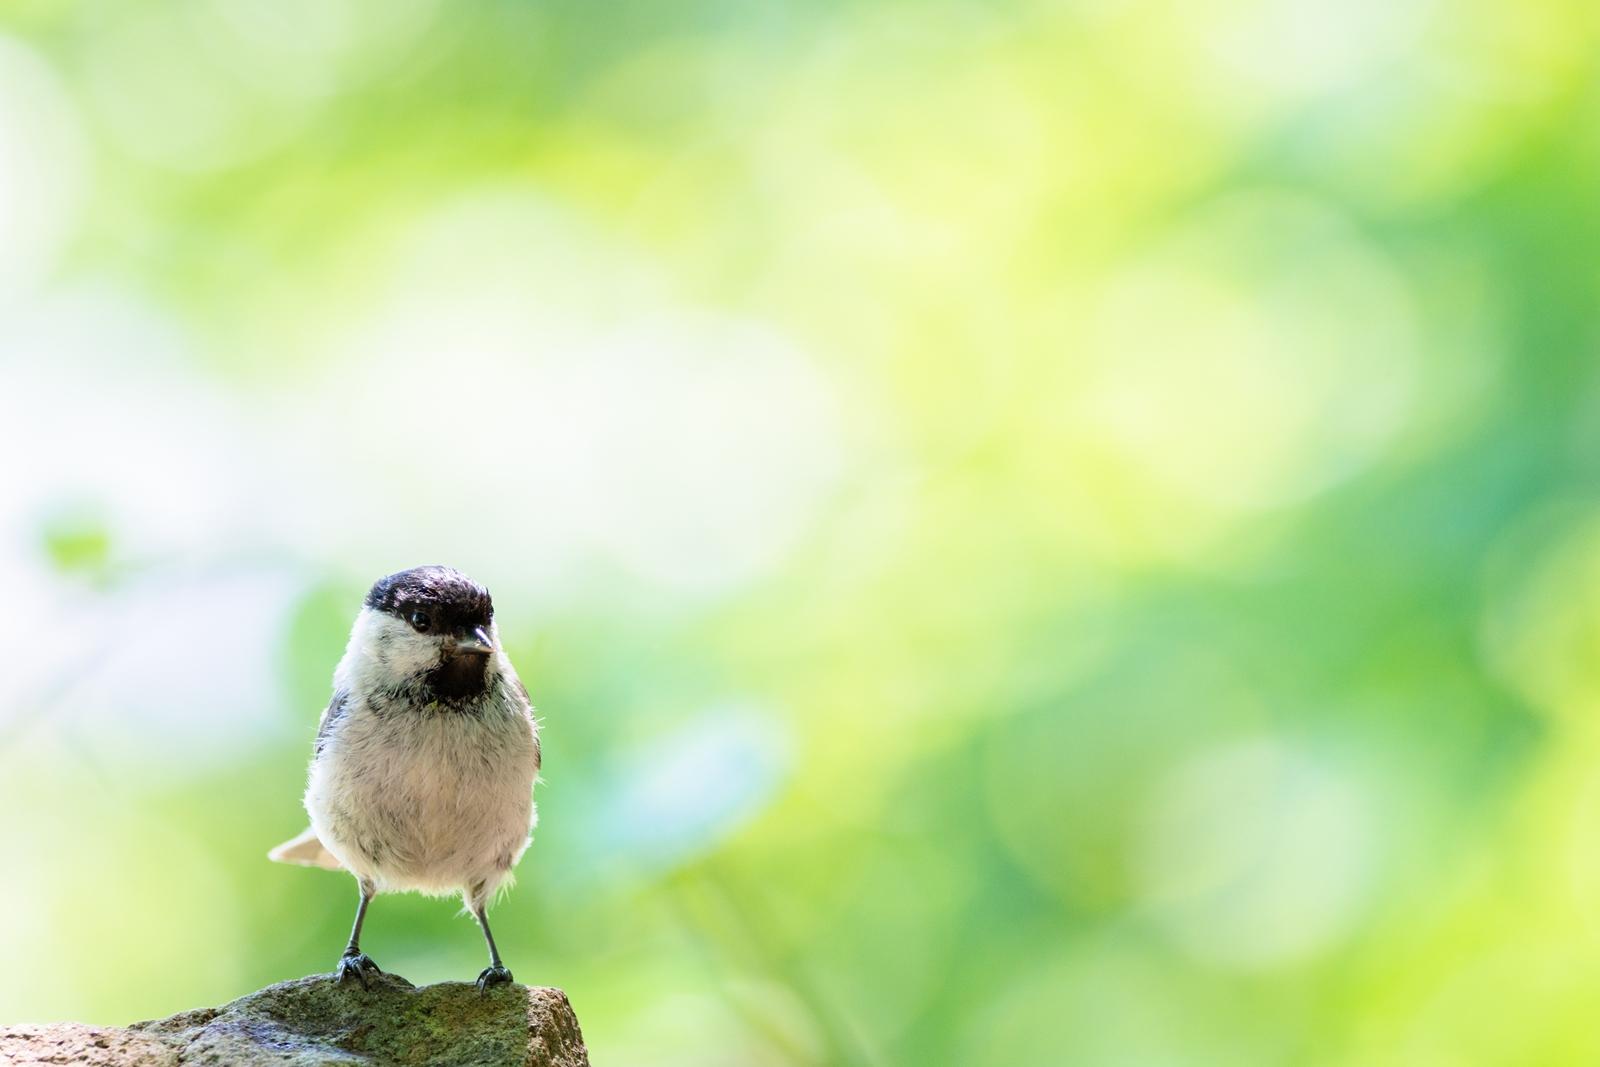 Photo: 「森の使者」 / Forest fairy.  きらりきらり 森に注がれる朝日 緑の光に包まれて 様子をうかがう 小さな小さな森の使者  Marsh Tit. (ハシブトガラ)  Nikon D7200 SIGMA 150-600mm F5-6.3 DG OS HSM Contemporary  #birdphotography #birds #kawaii #ことり #小鳥 #nikon #sigma  ( http://takafumiooshio.com/archives/2661 )